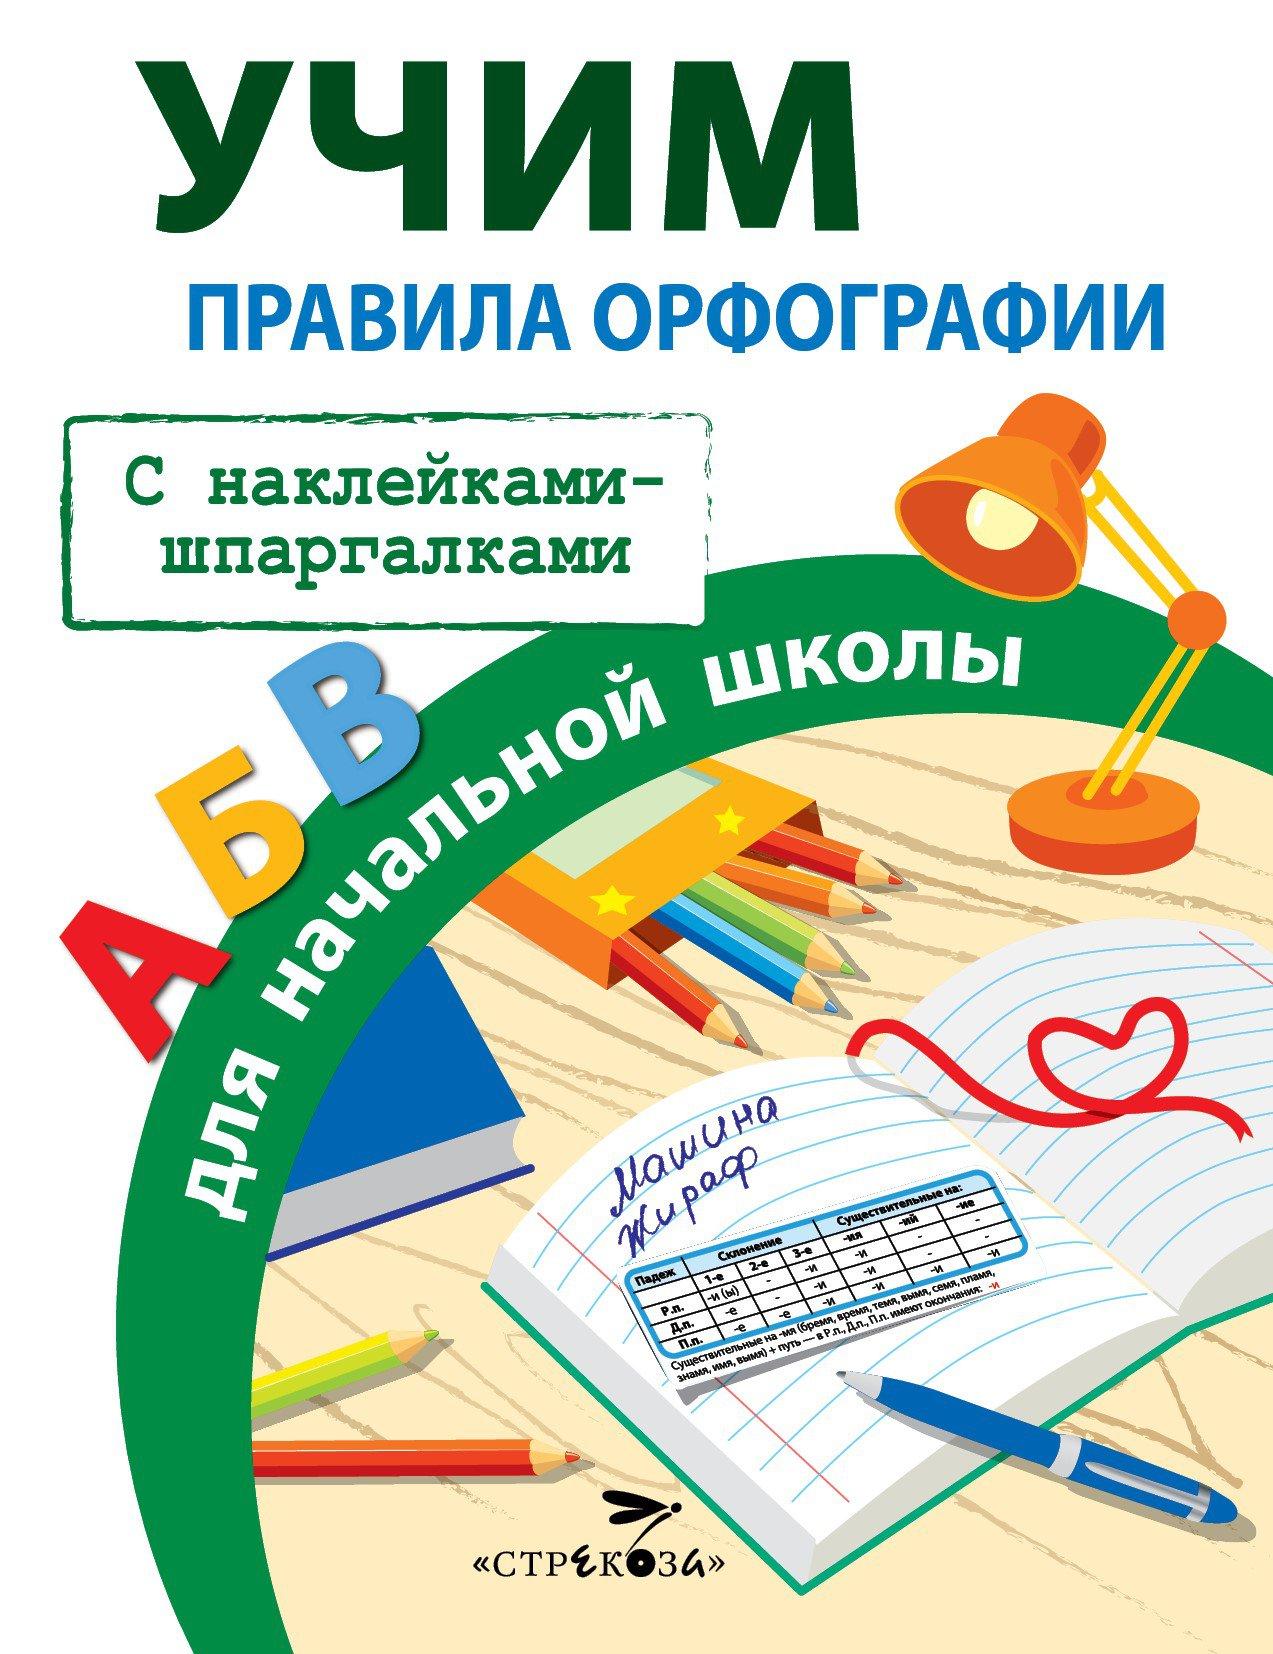 ПРАВИЛА ДЛЯ НАЧАЛЬНОЙ ШКОЛЫ.  Правила орфографии для начальной школы